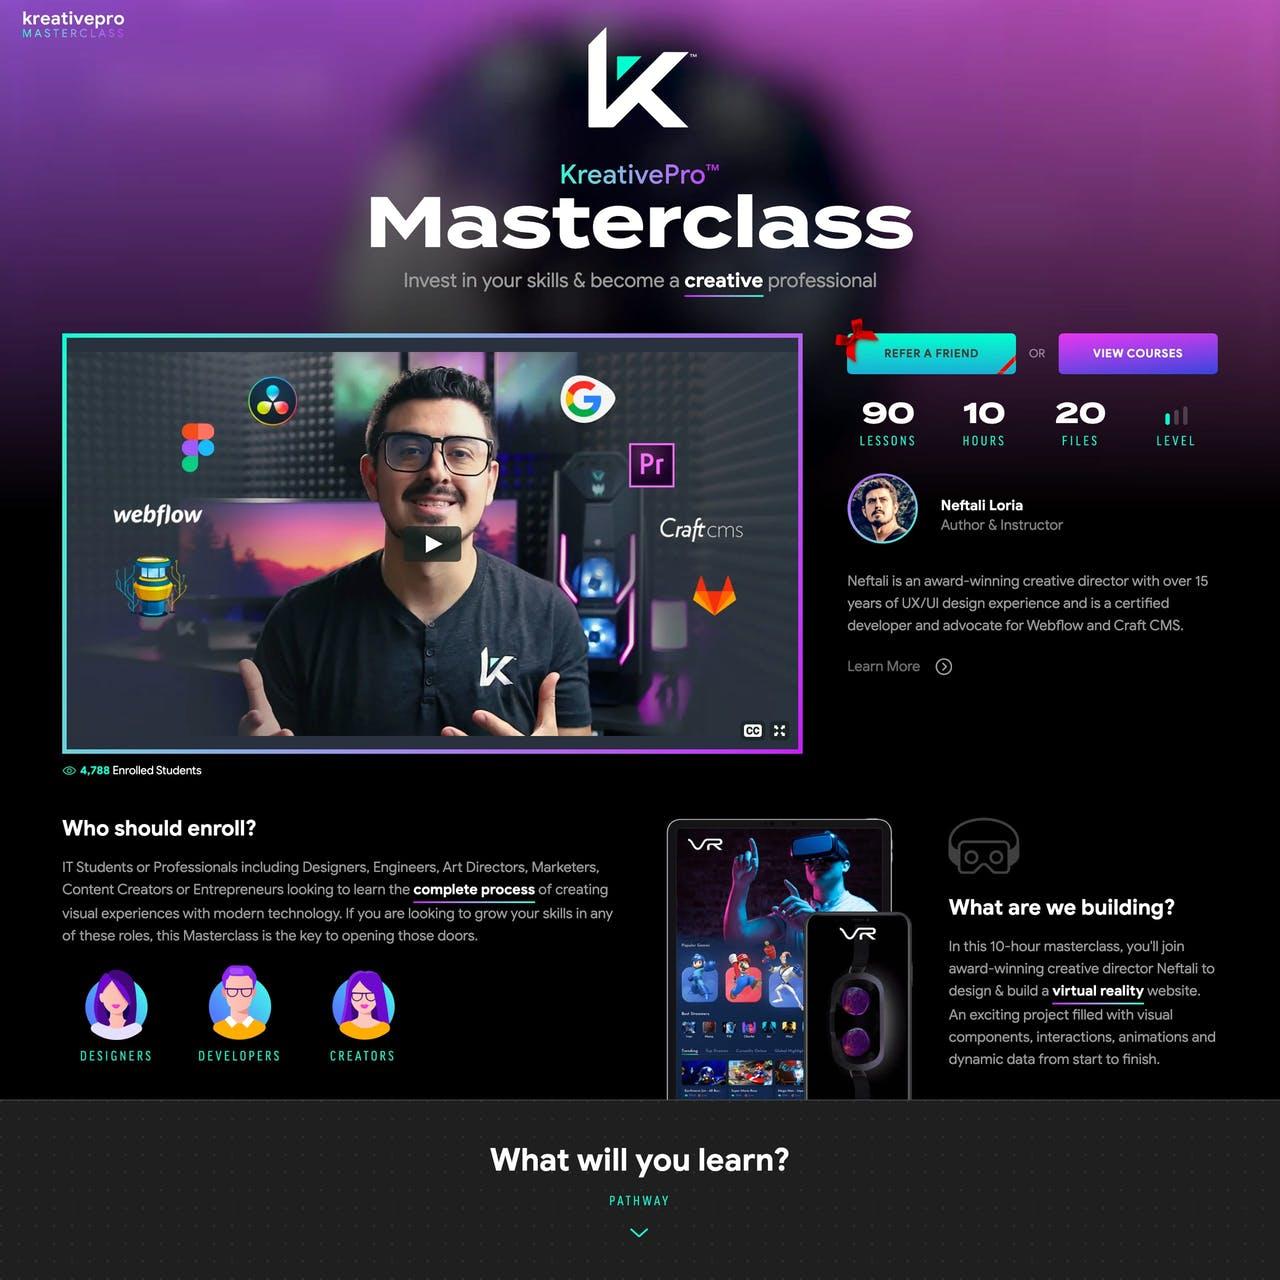 KreativePro Masterclass Website Screenshot